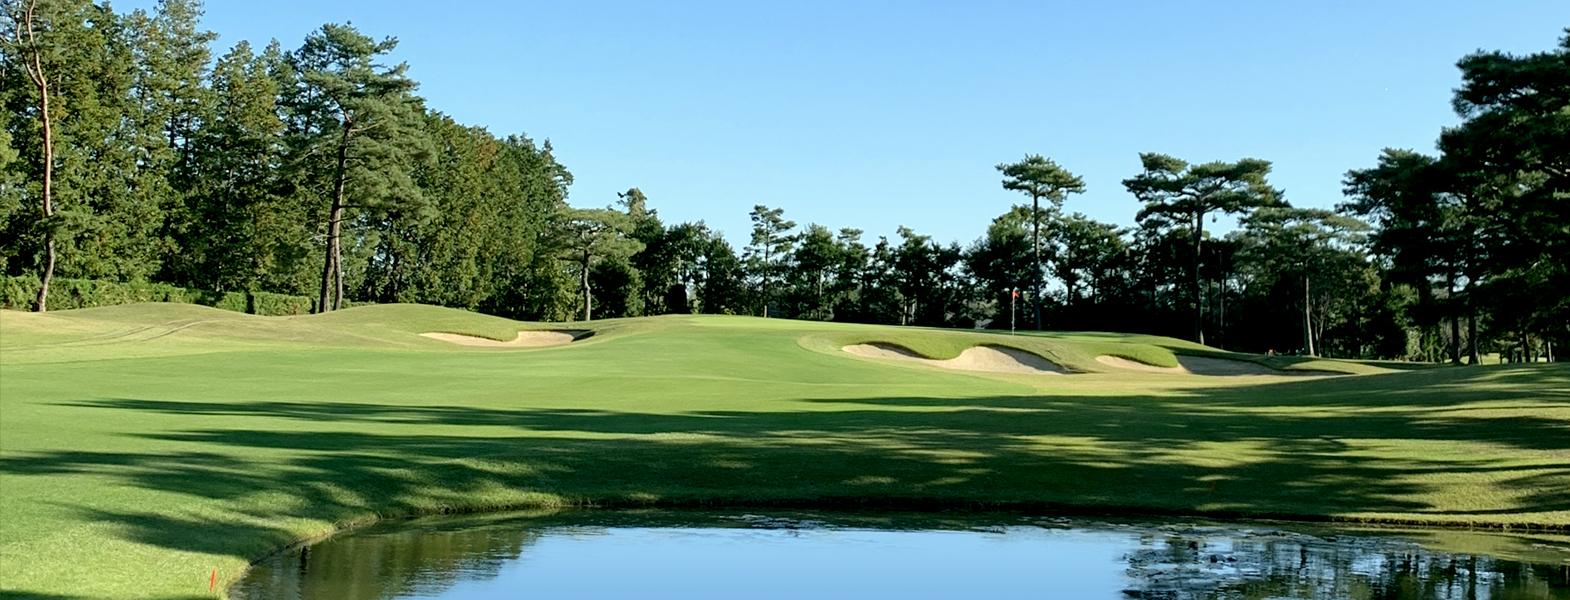 茨城 県 ゴルフ 場 コロナ